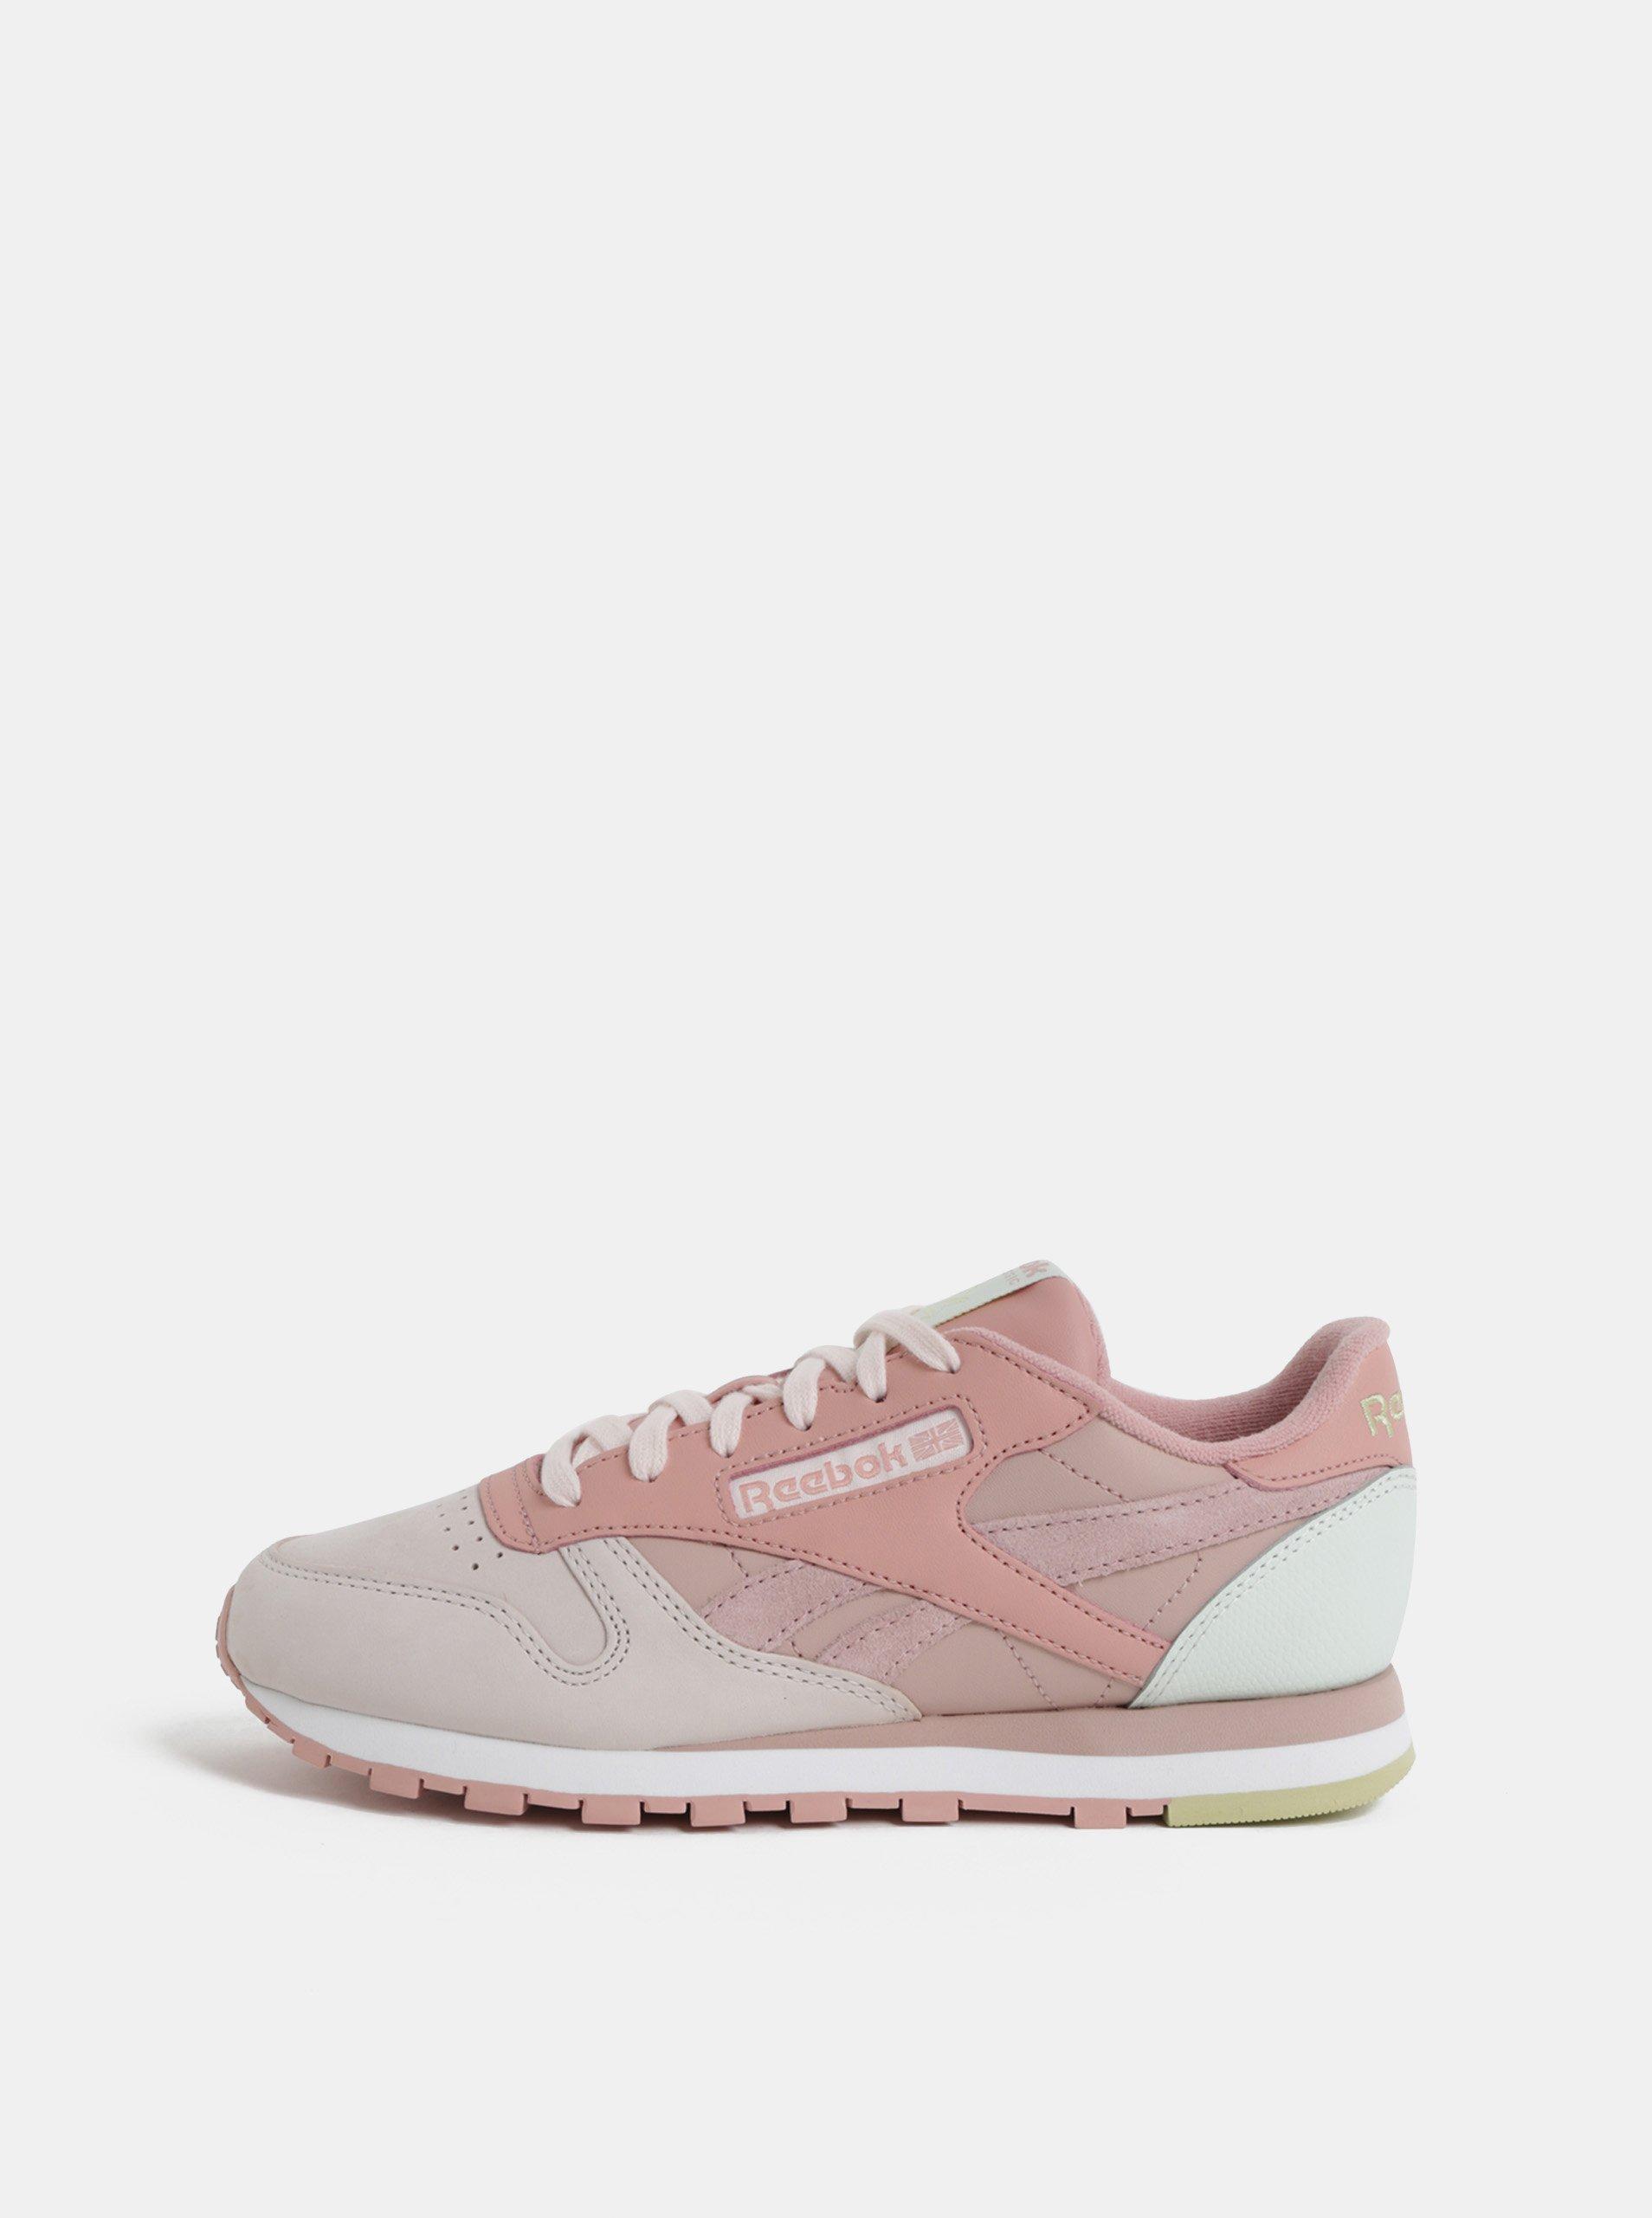 ac7068107654c Ružové dámske kožené tenisky Reebok Classic